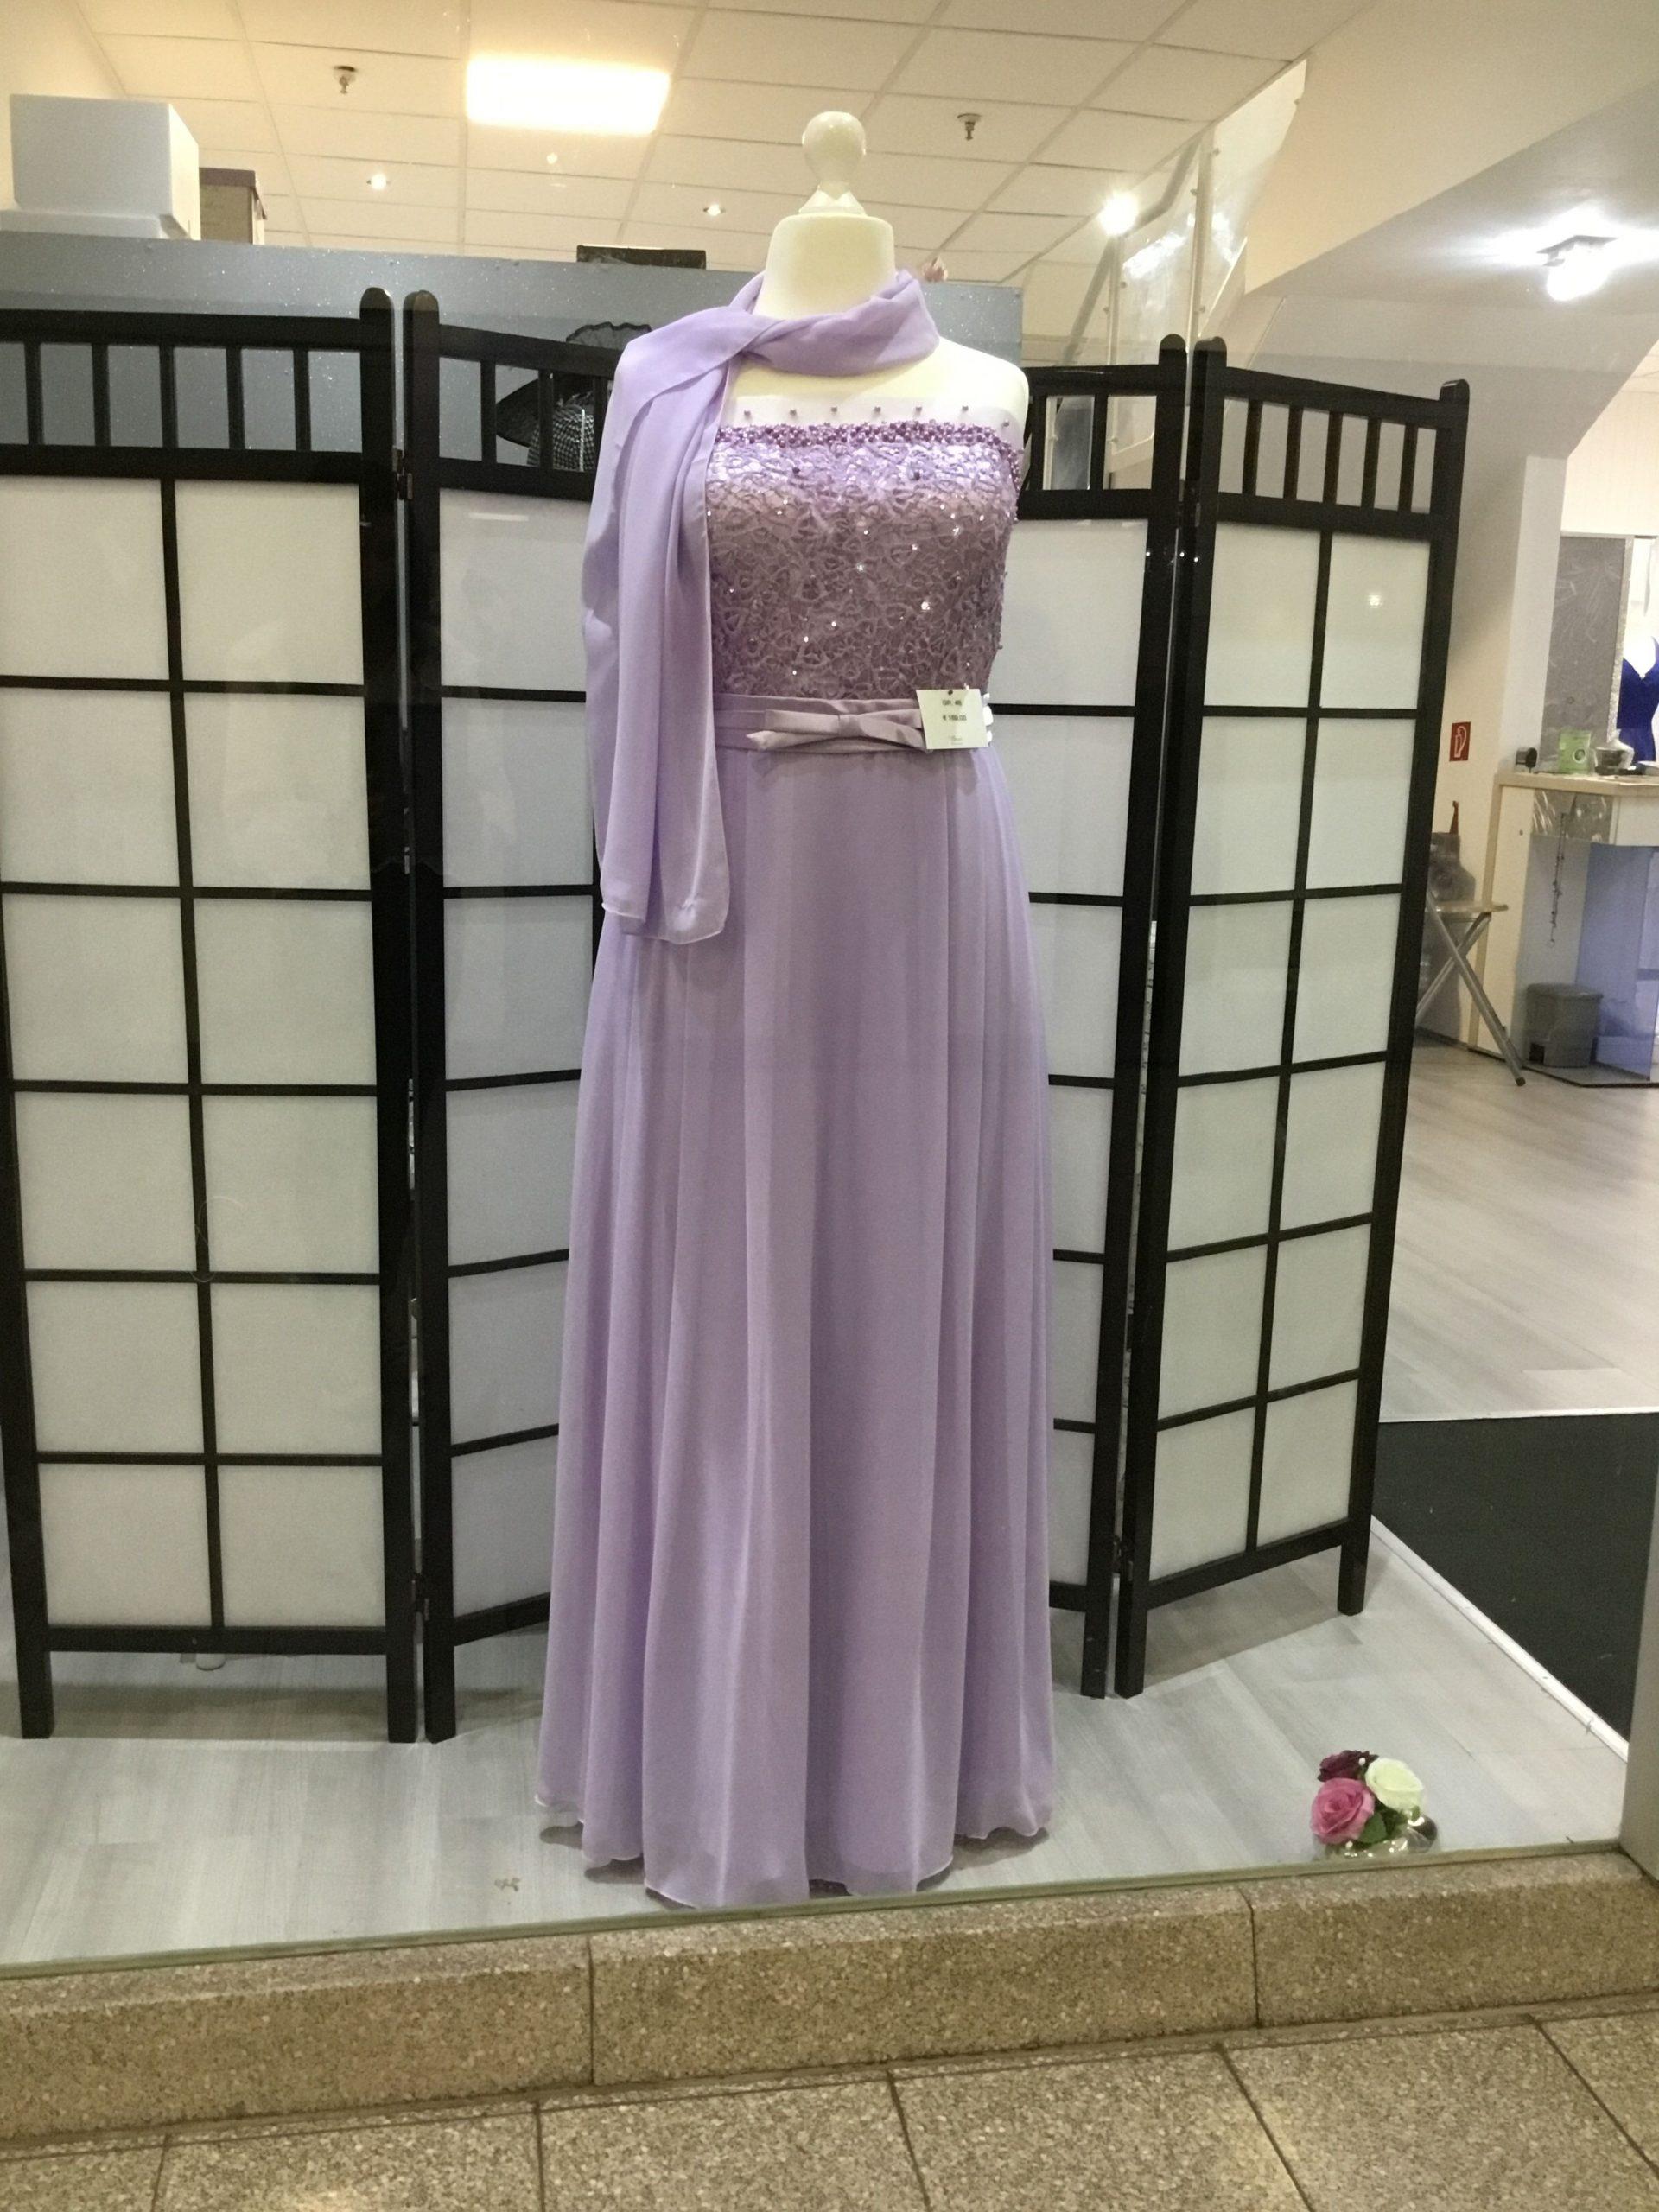 17 Einzigartig Abend Kleid Duisburg VertriebFormal Spektakulär Abend Kleid Duisburg Galerie